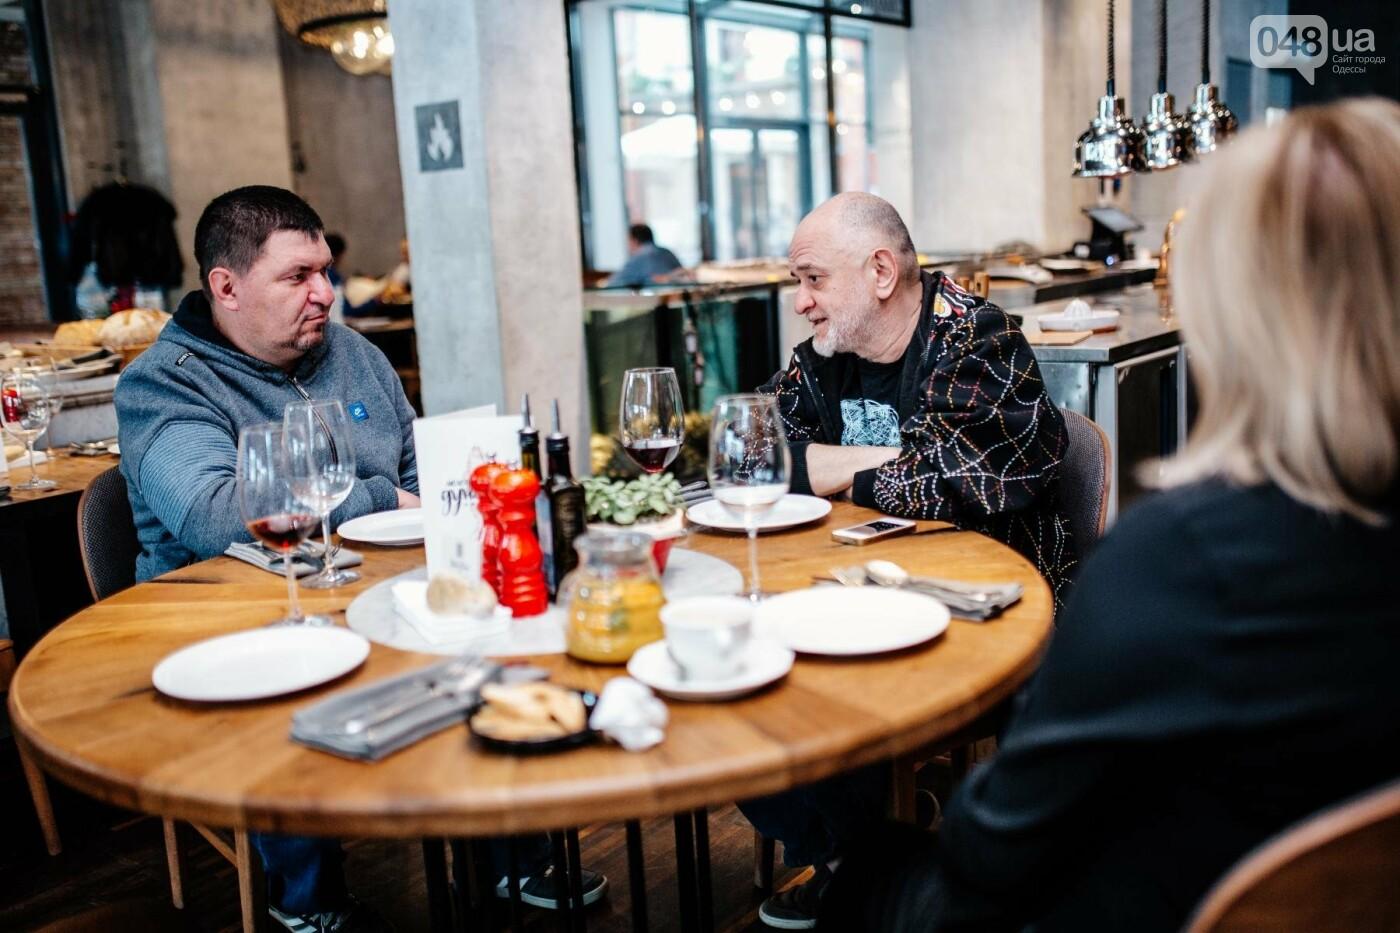 Александр Ройтбурд. О музее, пацанах из Оппоблока и будущем Одессы, фото-5